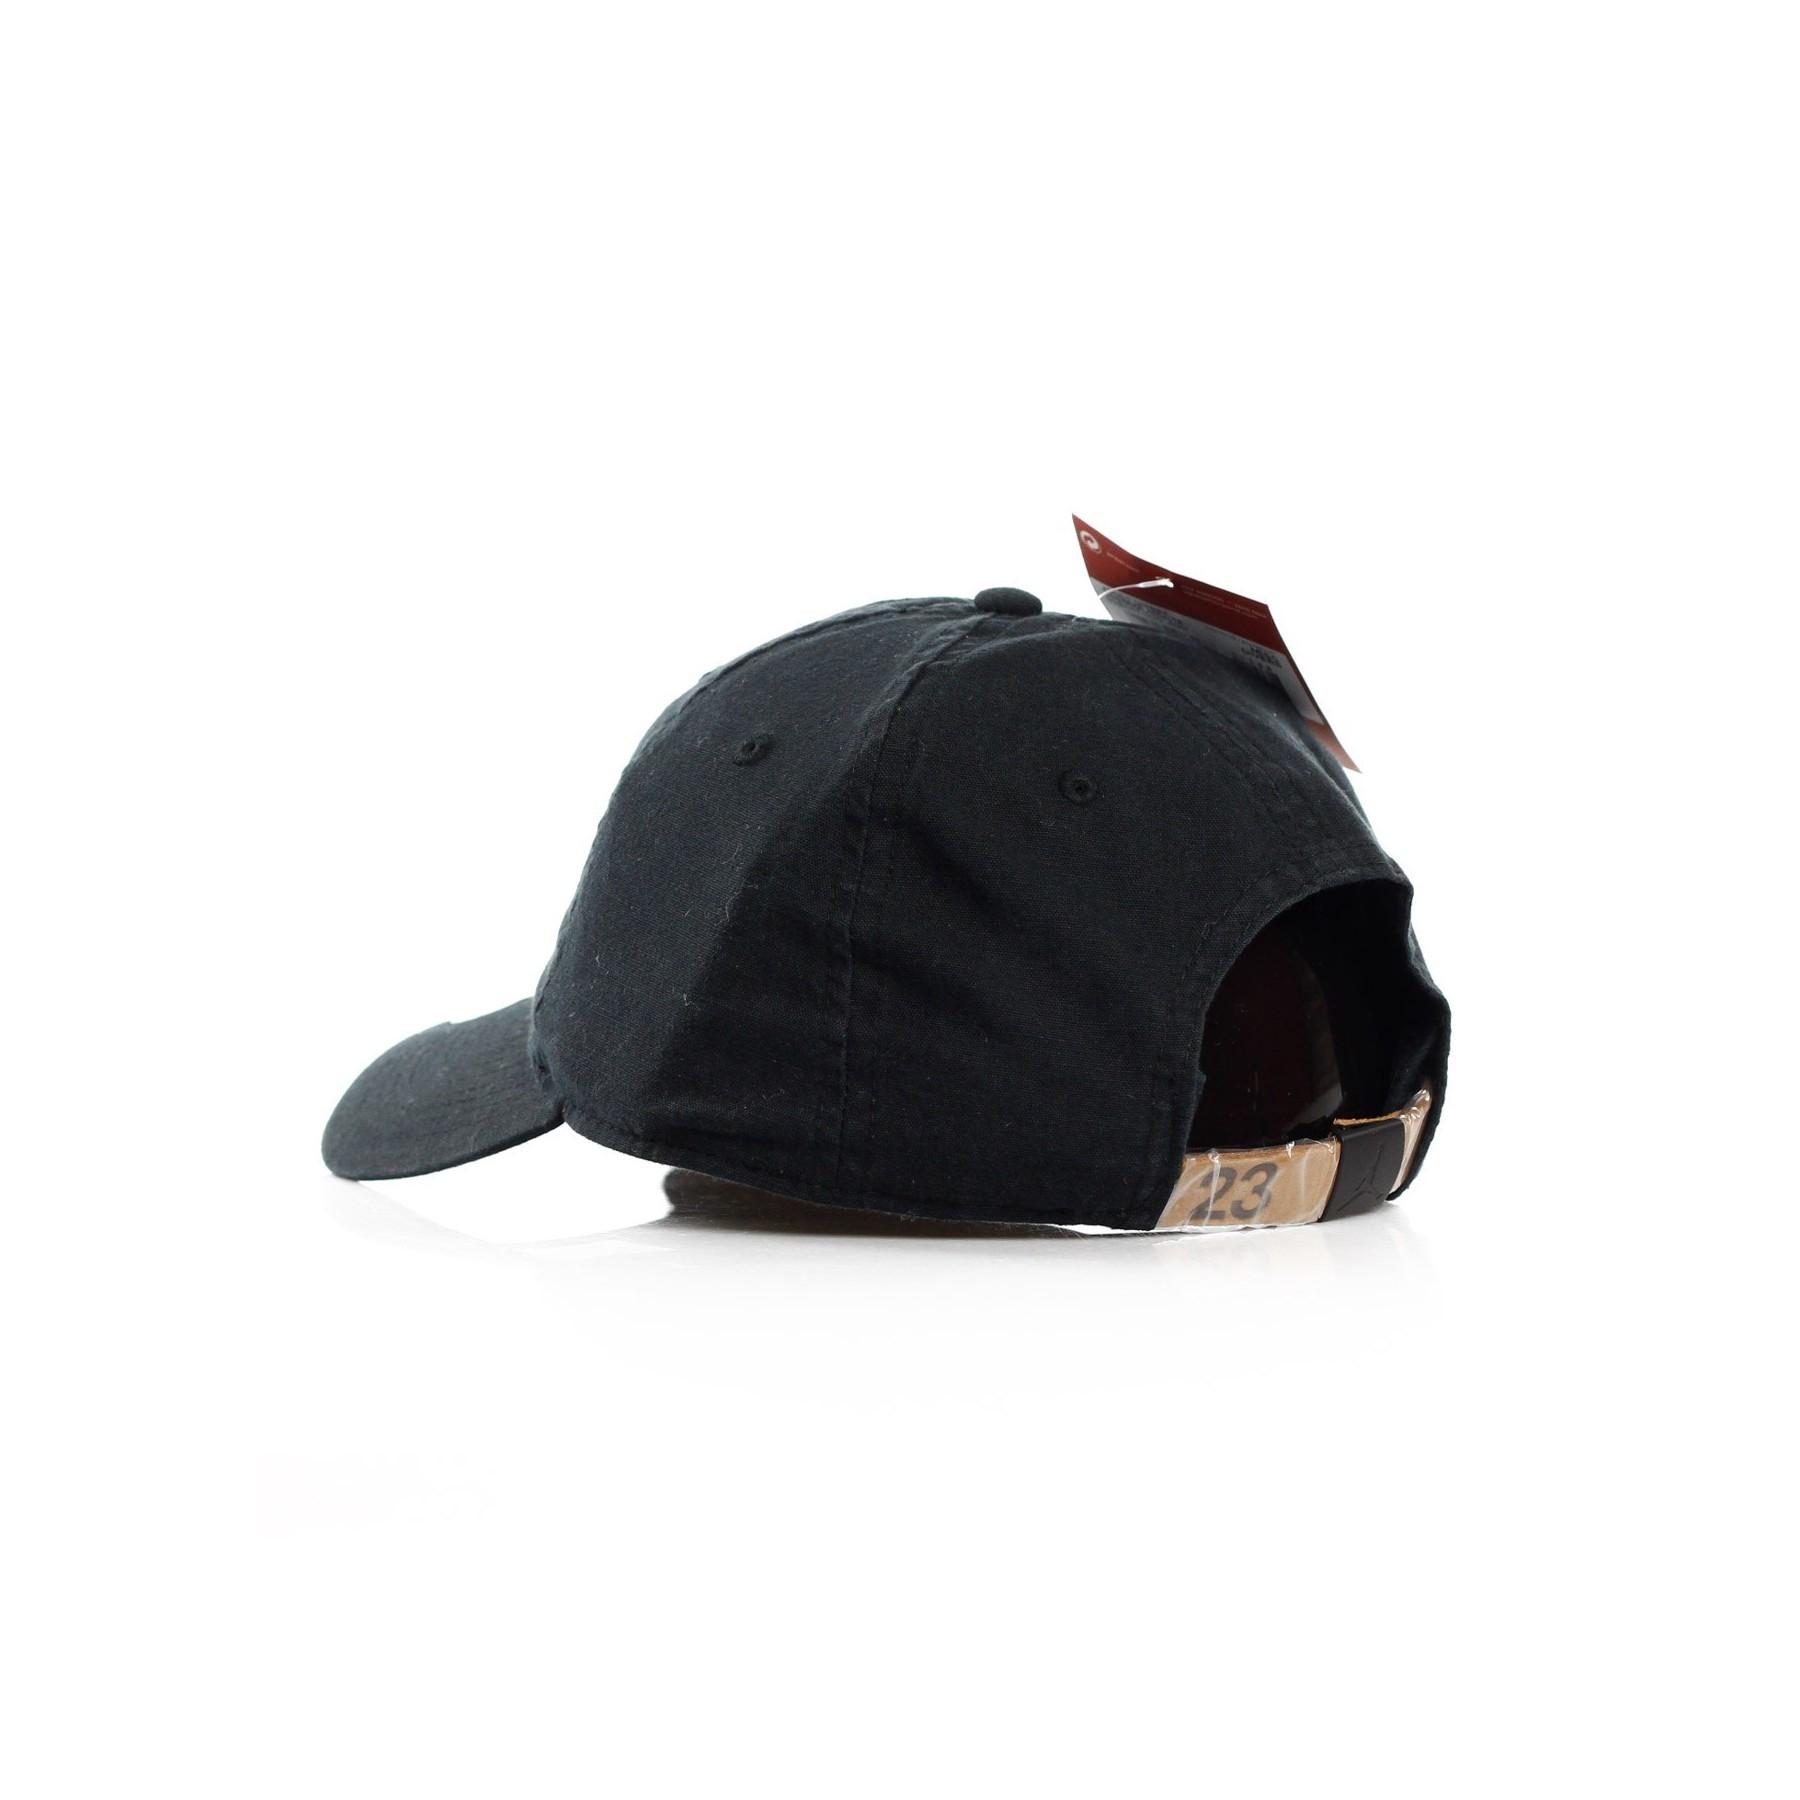 CAPPELLO VISIERA CURVA JORDAN H86 JUMPMAN WASHED BLACK BLACK ... 82c859444e0